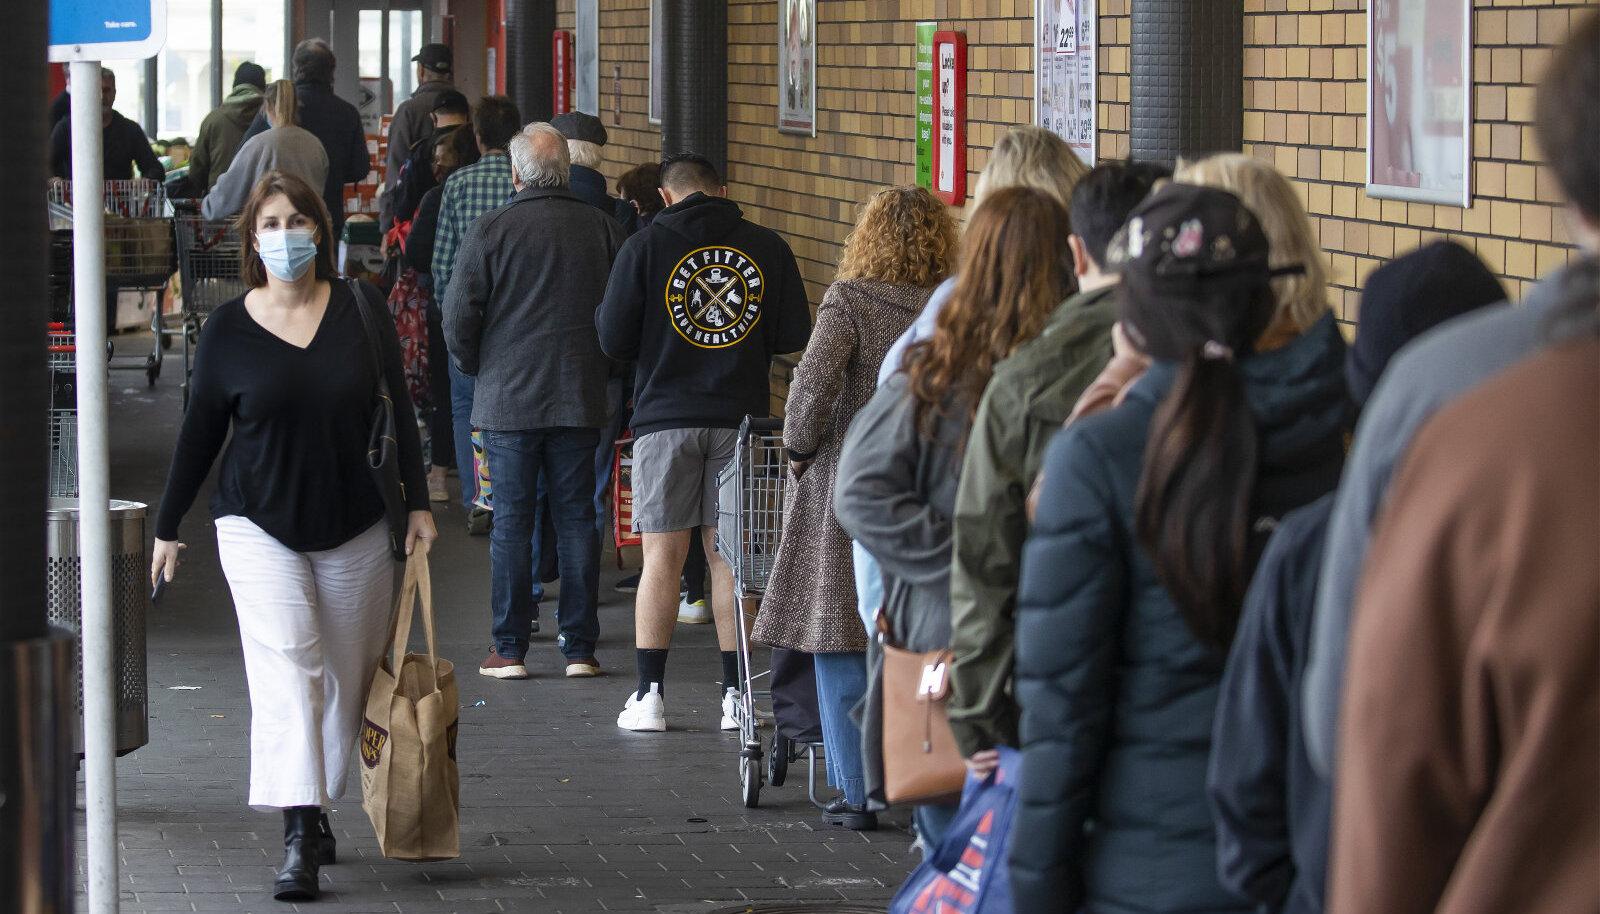 Aucklandis moodustusid sel teisipäeval piirangutest teadaandmise järel pikad järjekorrad.